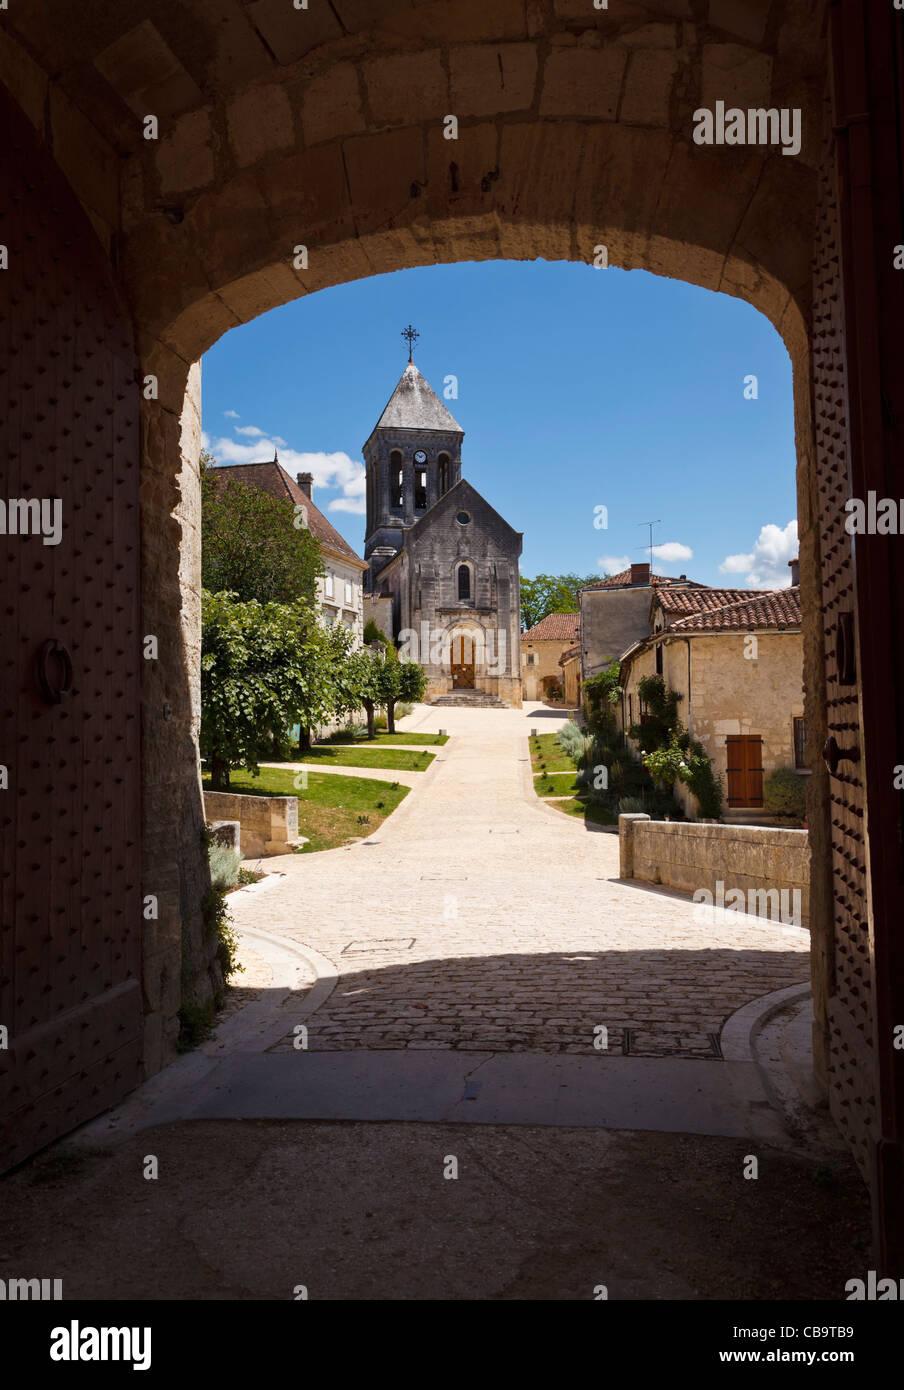 View towards the church through the gateway of the Chateau de Bourdeilles, Bourdeilles, Dordogne, France Stock Photo